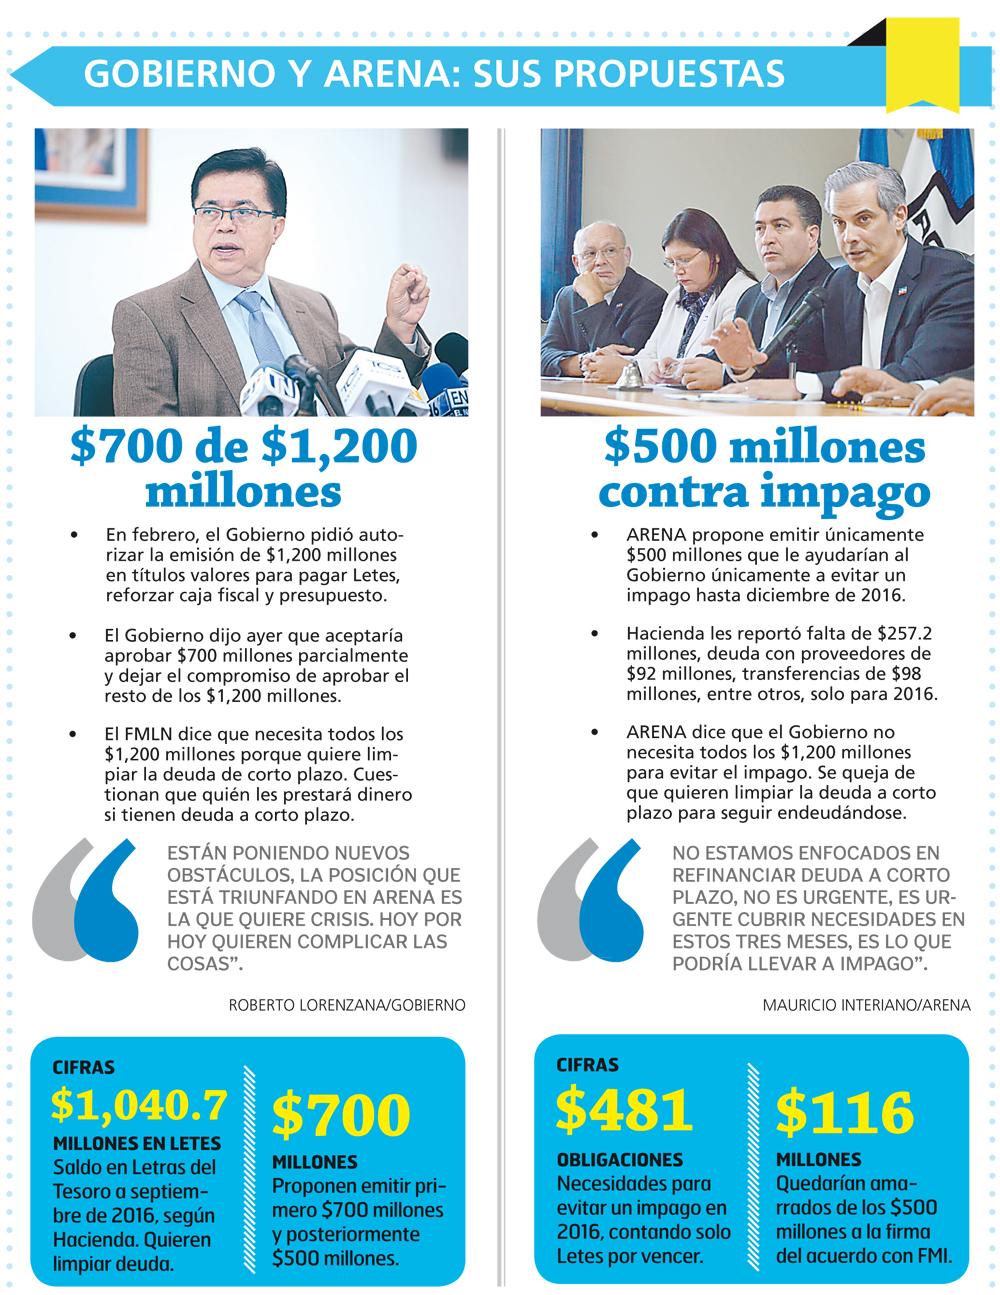 propuestas-gobierno-arena